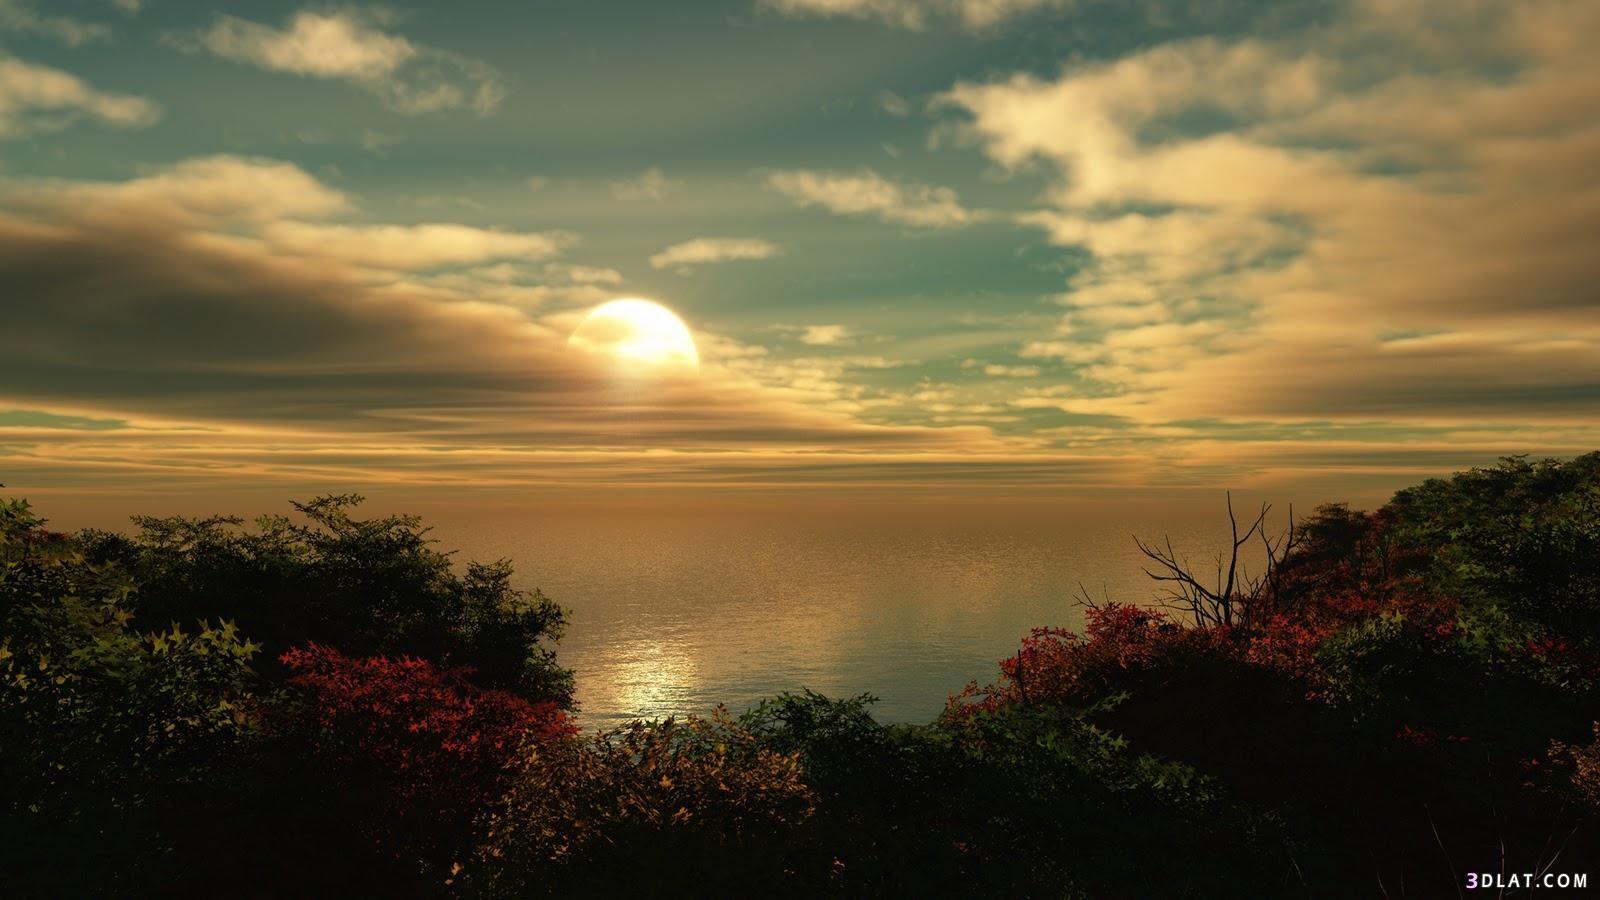 خلفيات للطبيعة لسطح المكتب صور طبيعية للكمبيوتر Sunset Wallpaper Nature Wallpaper Beautiful Sunset